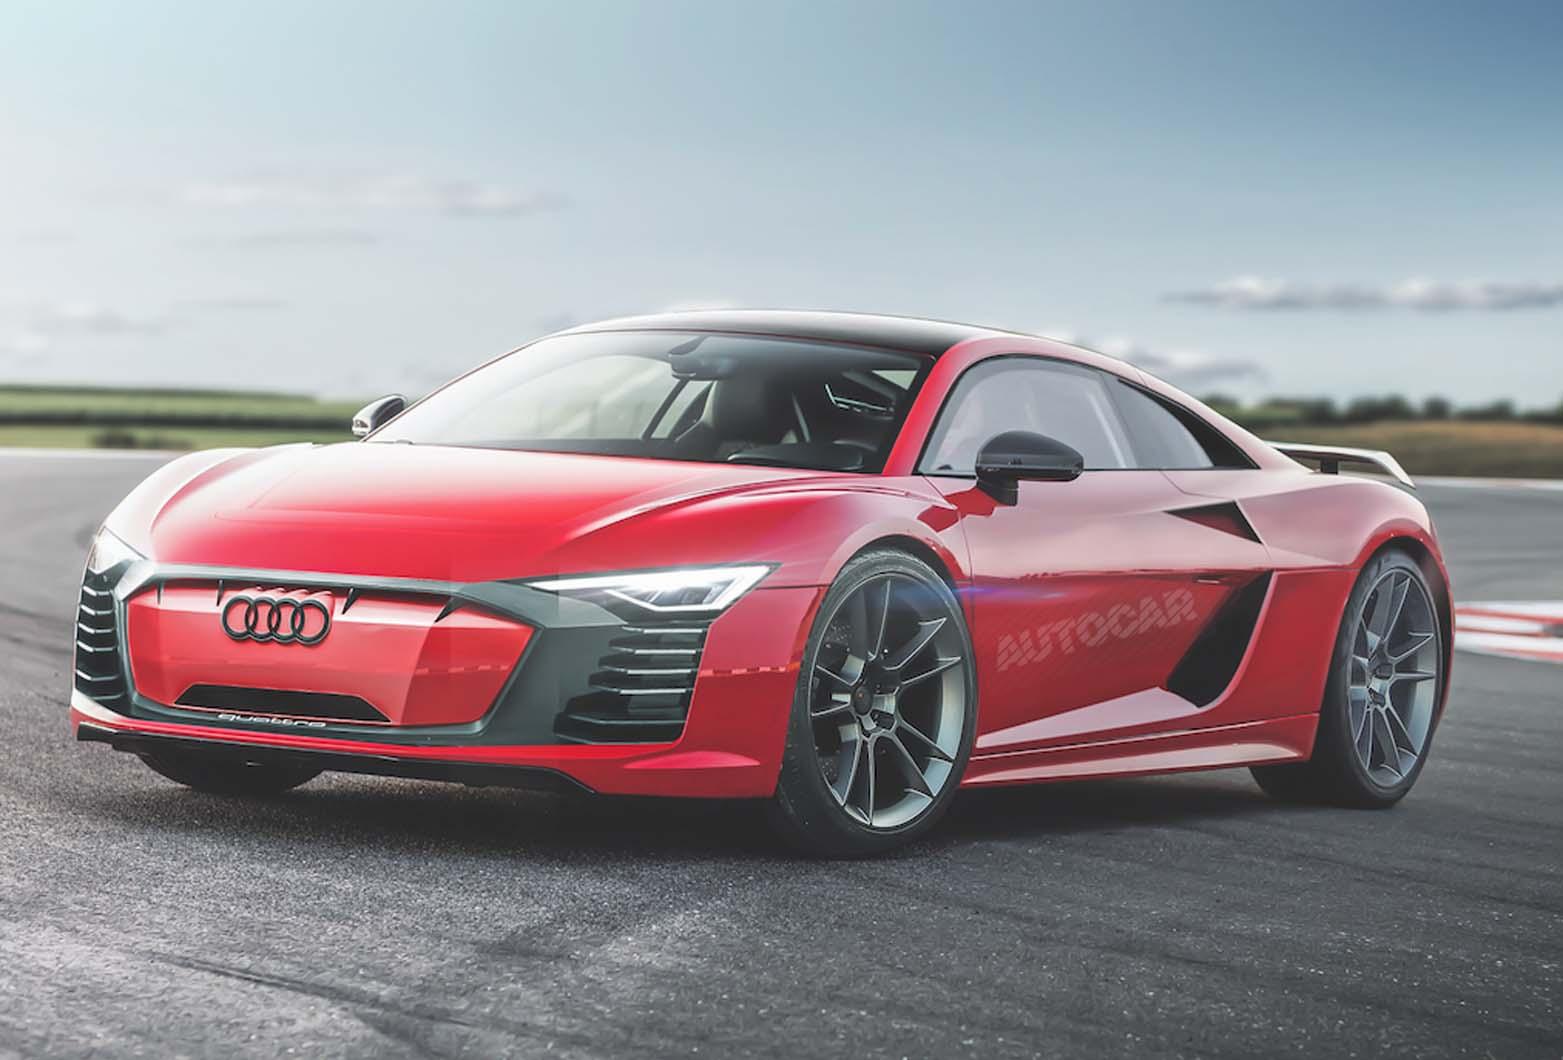 Kelebihan Audi T8 Perbandingan Harga